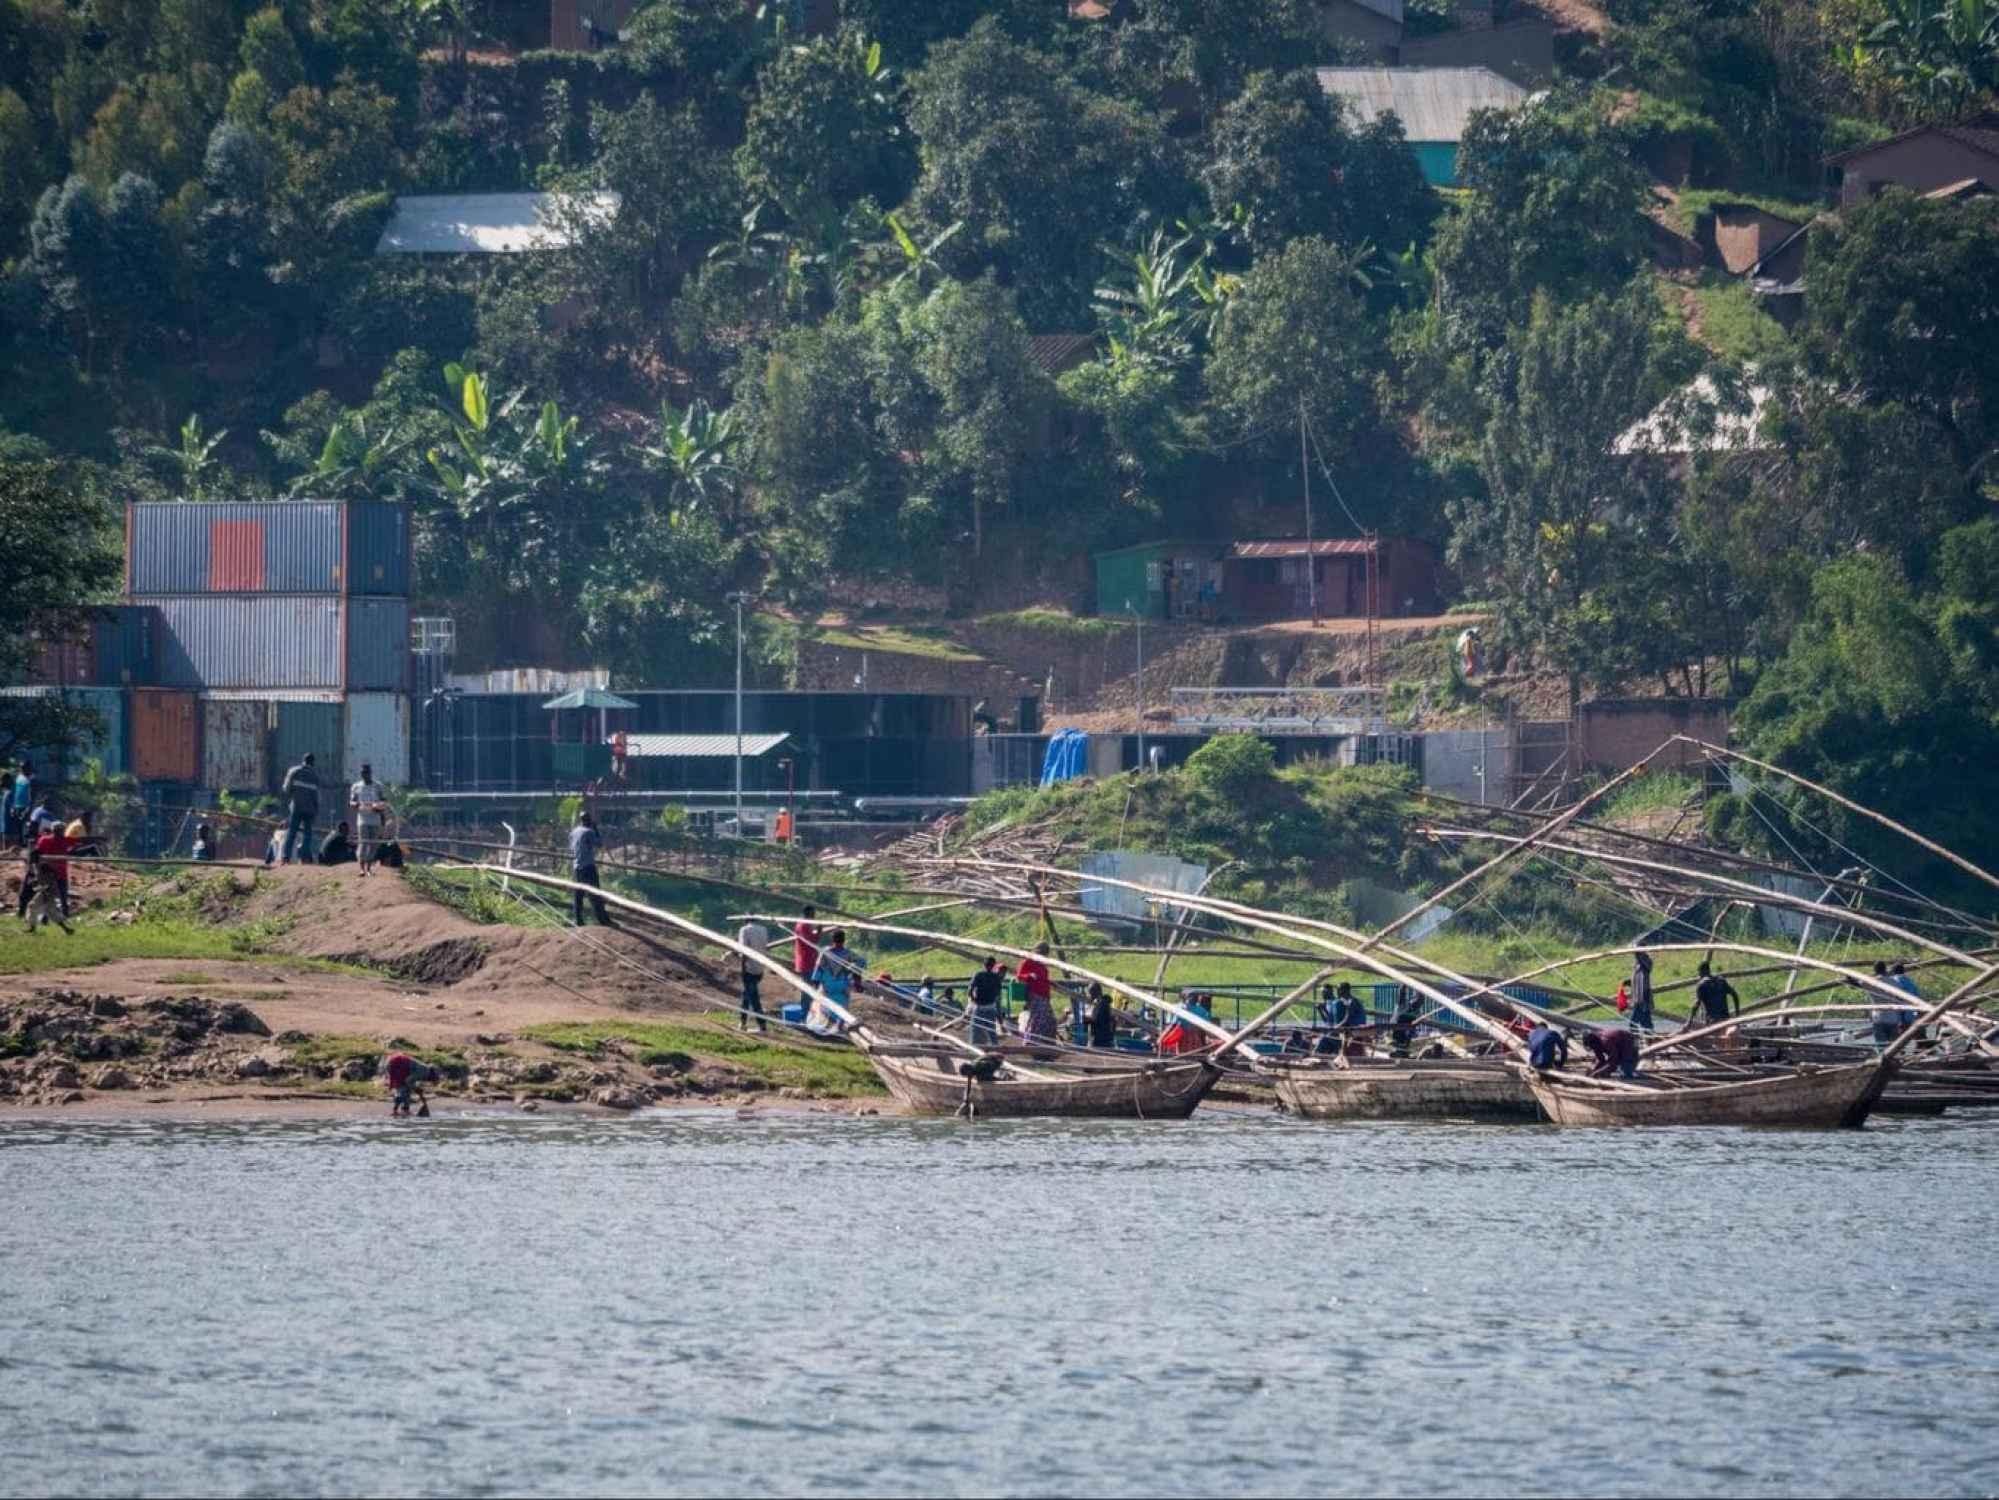 The famous fishermen of Lake Kivu